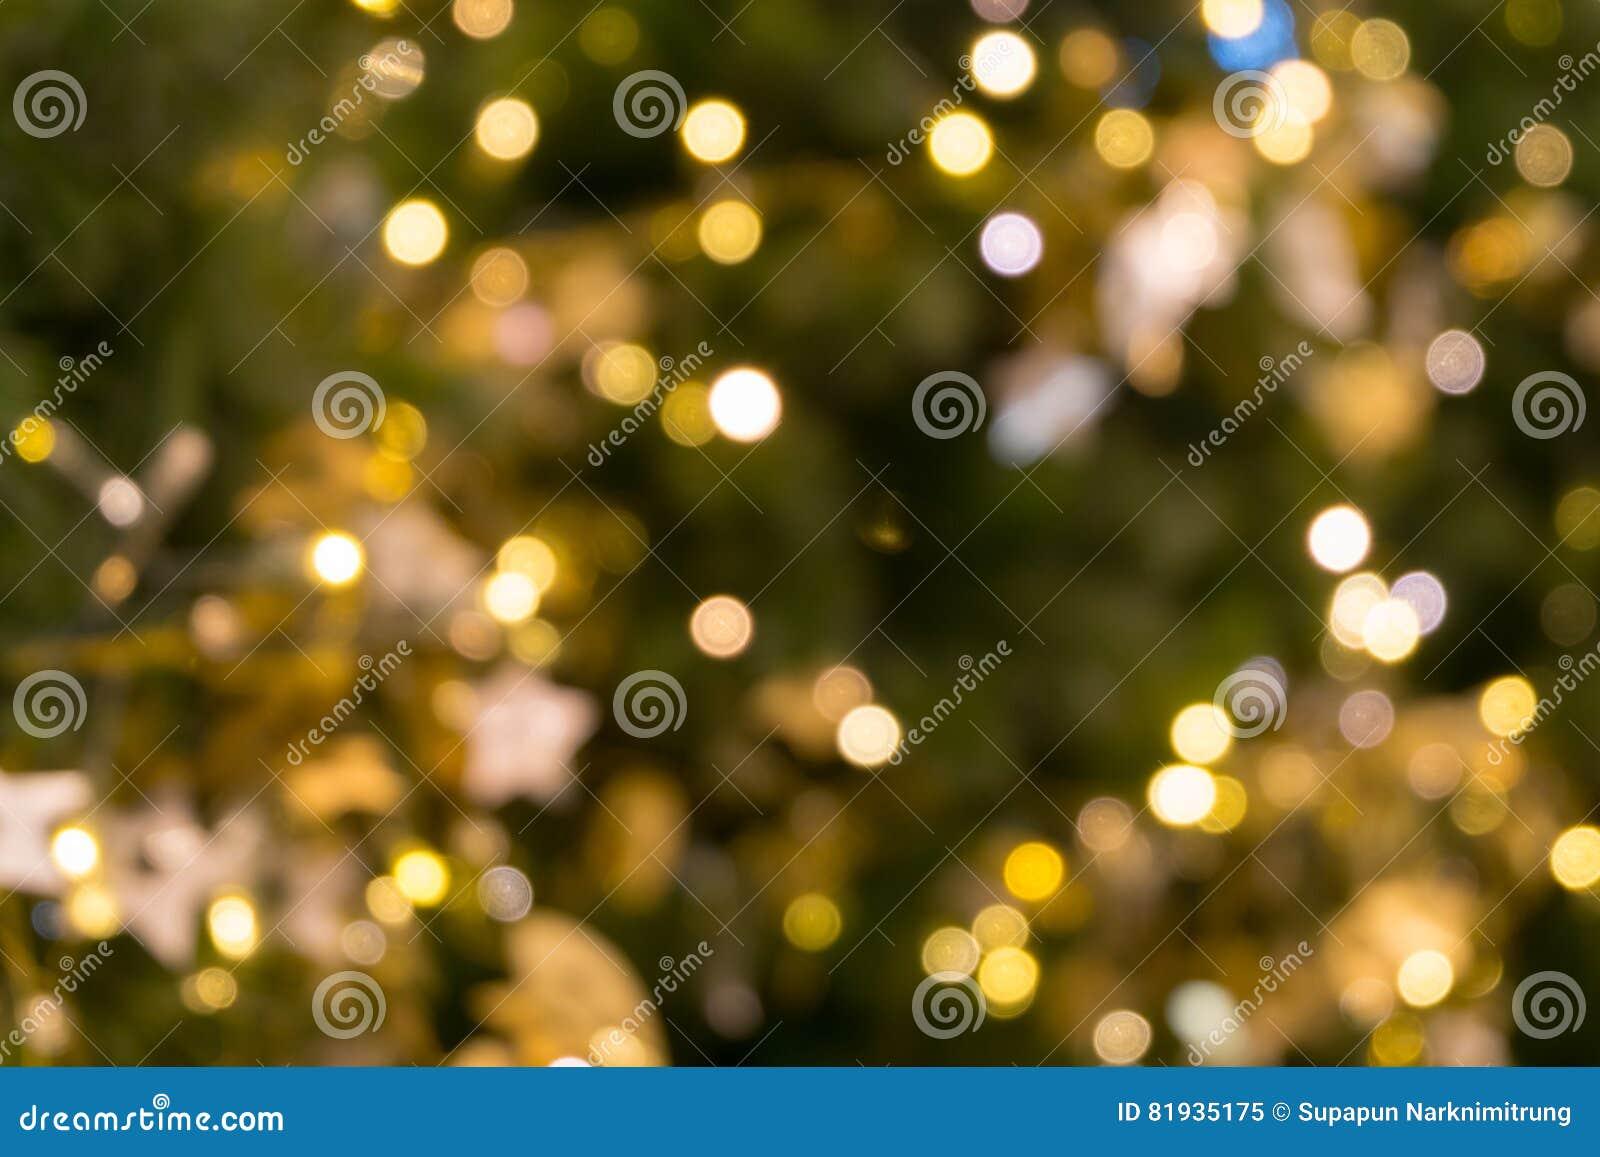 Το φως χριστουγεννιάτικων δέντρων bokeh στο πράσινο κίτρινο χρυσό χρώμα, αφηρημένο υπόβαθρο διακοπών, θαμπάδα